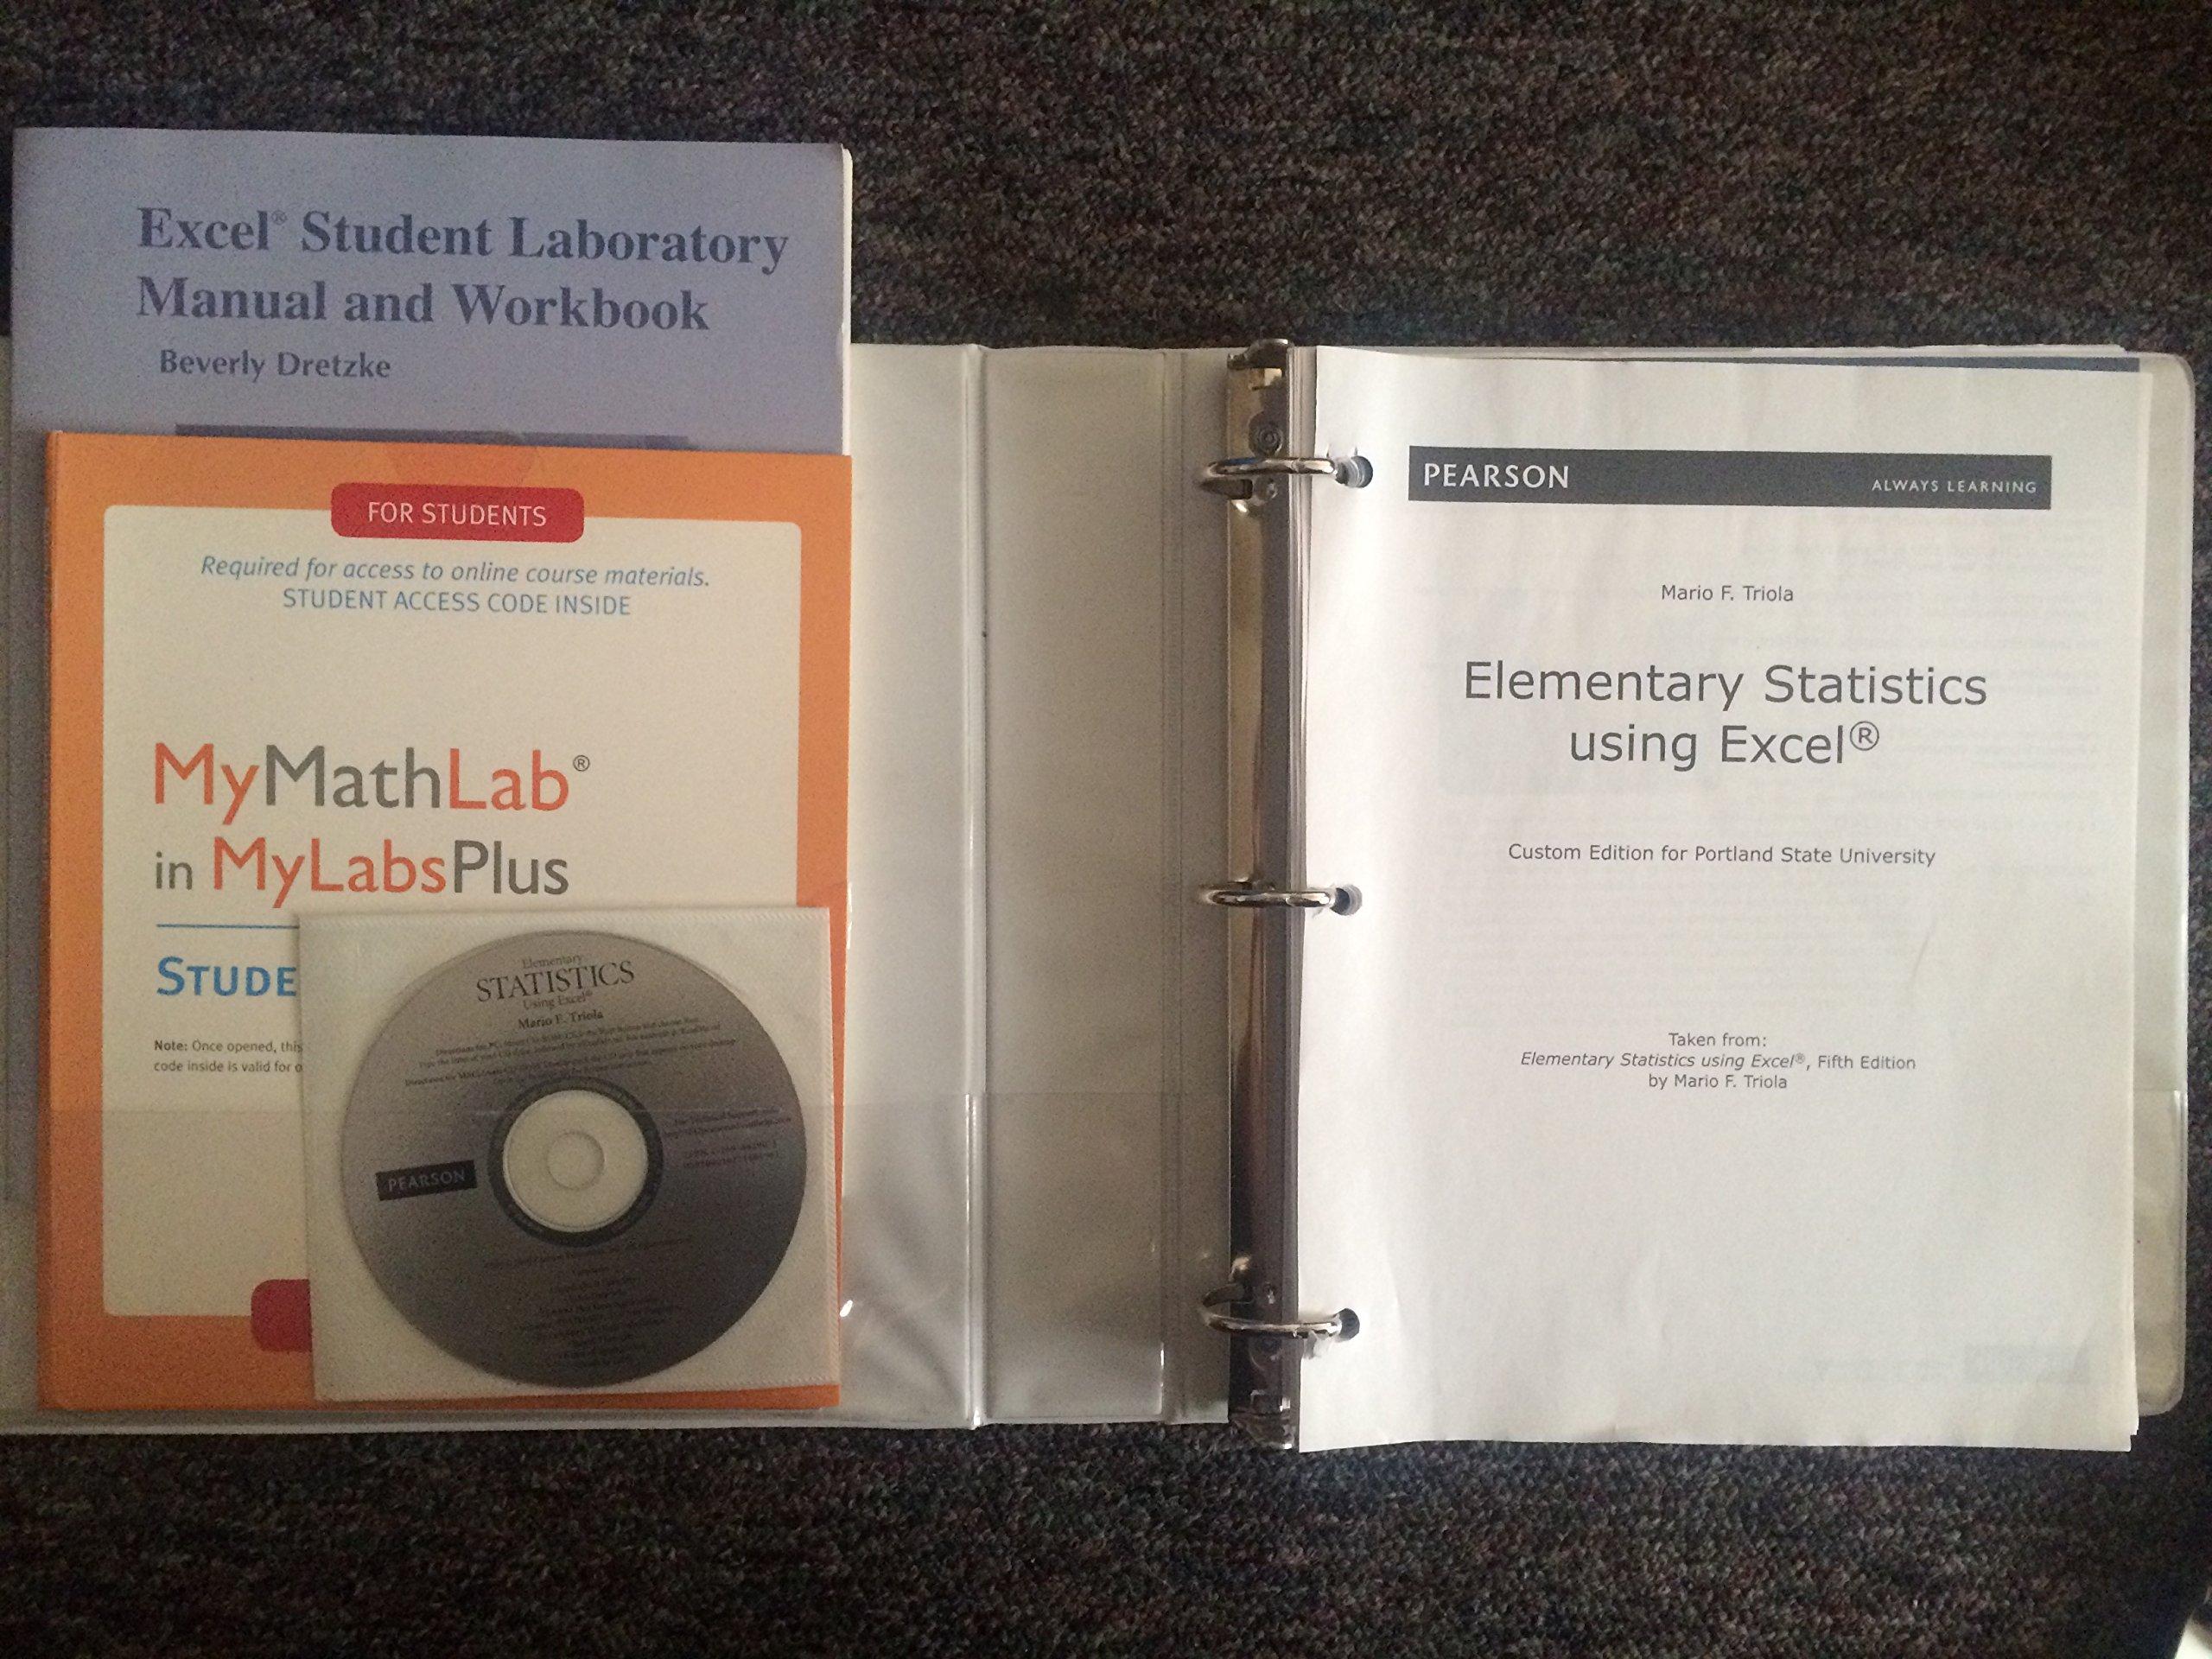 Elementary Statistics Using Excel: Mario F. Triola: 9781269462907:  Amazon.com: Books